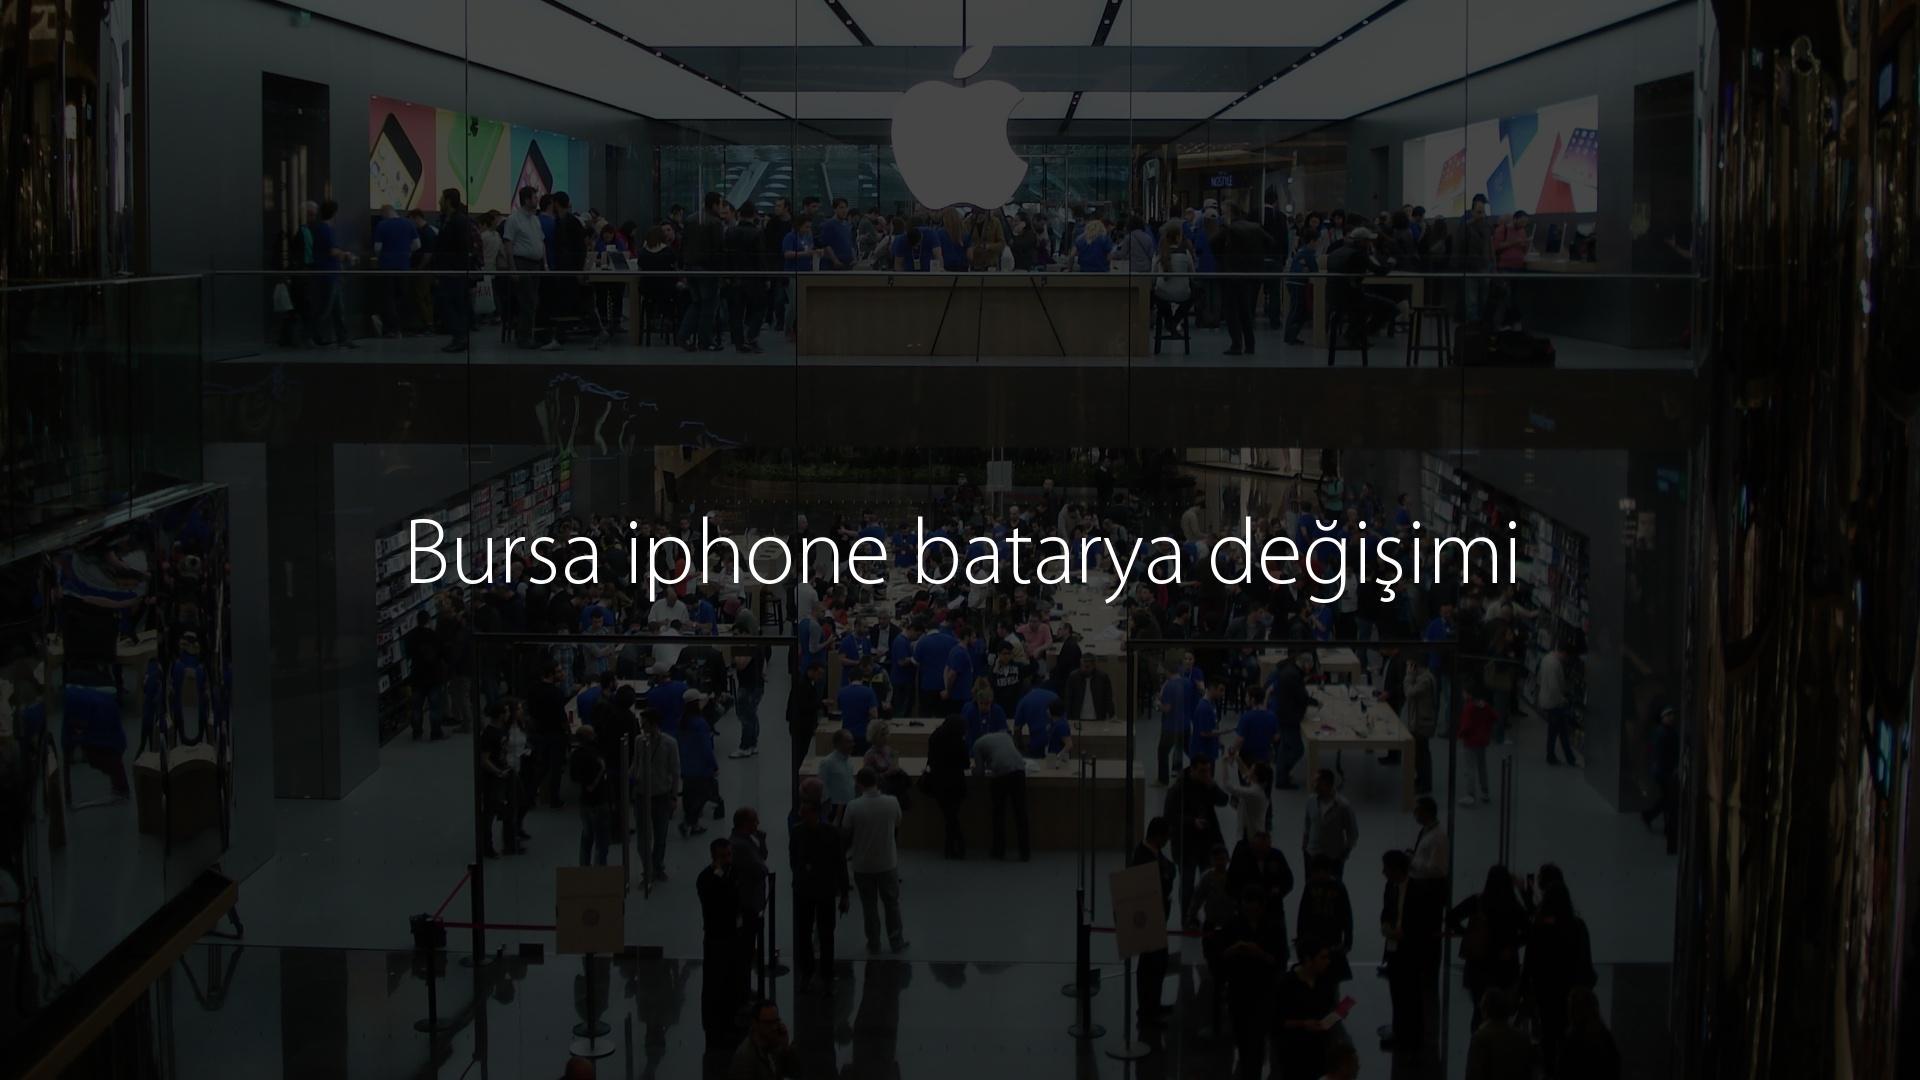 Bursa iphone batarya değişimi